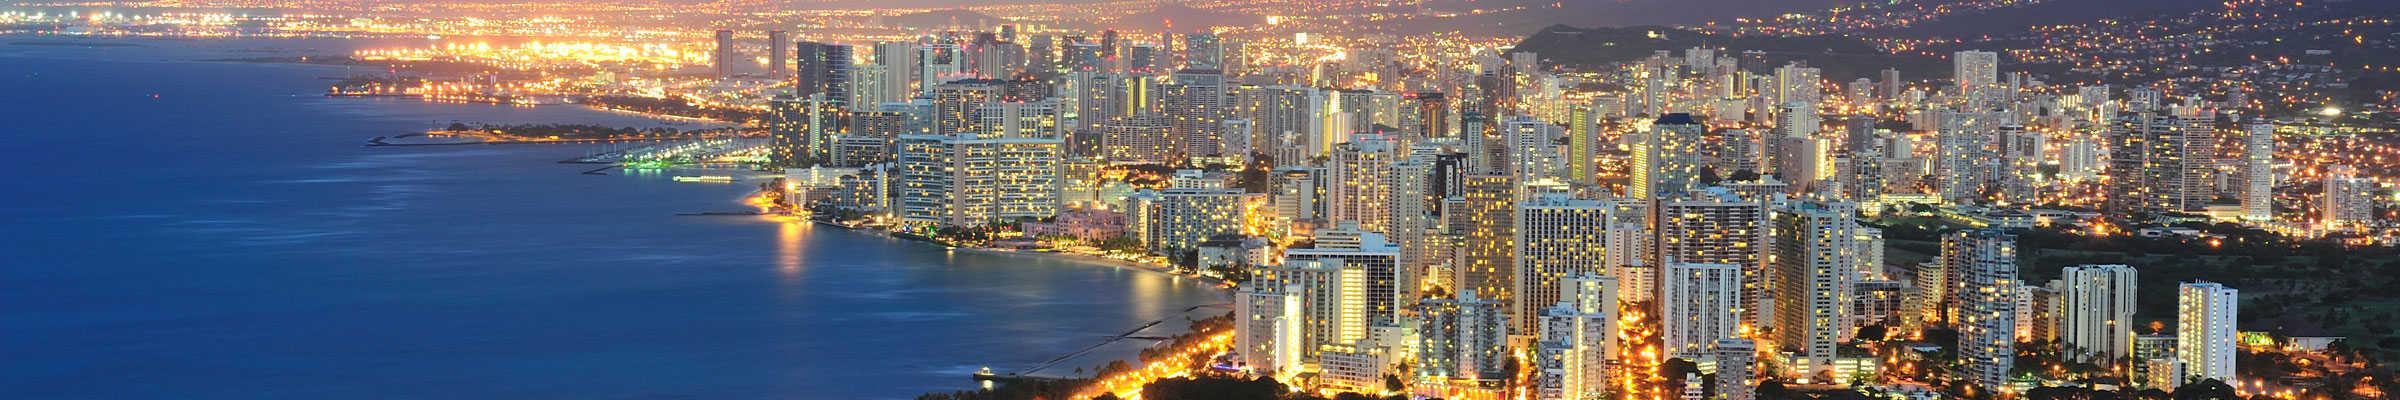 PSI Honolulu